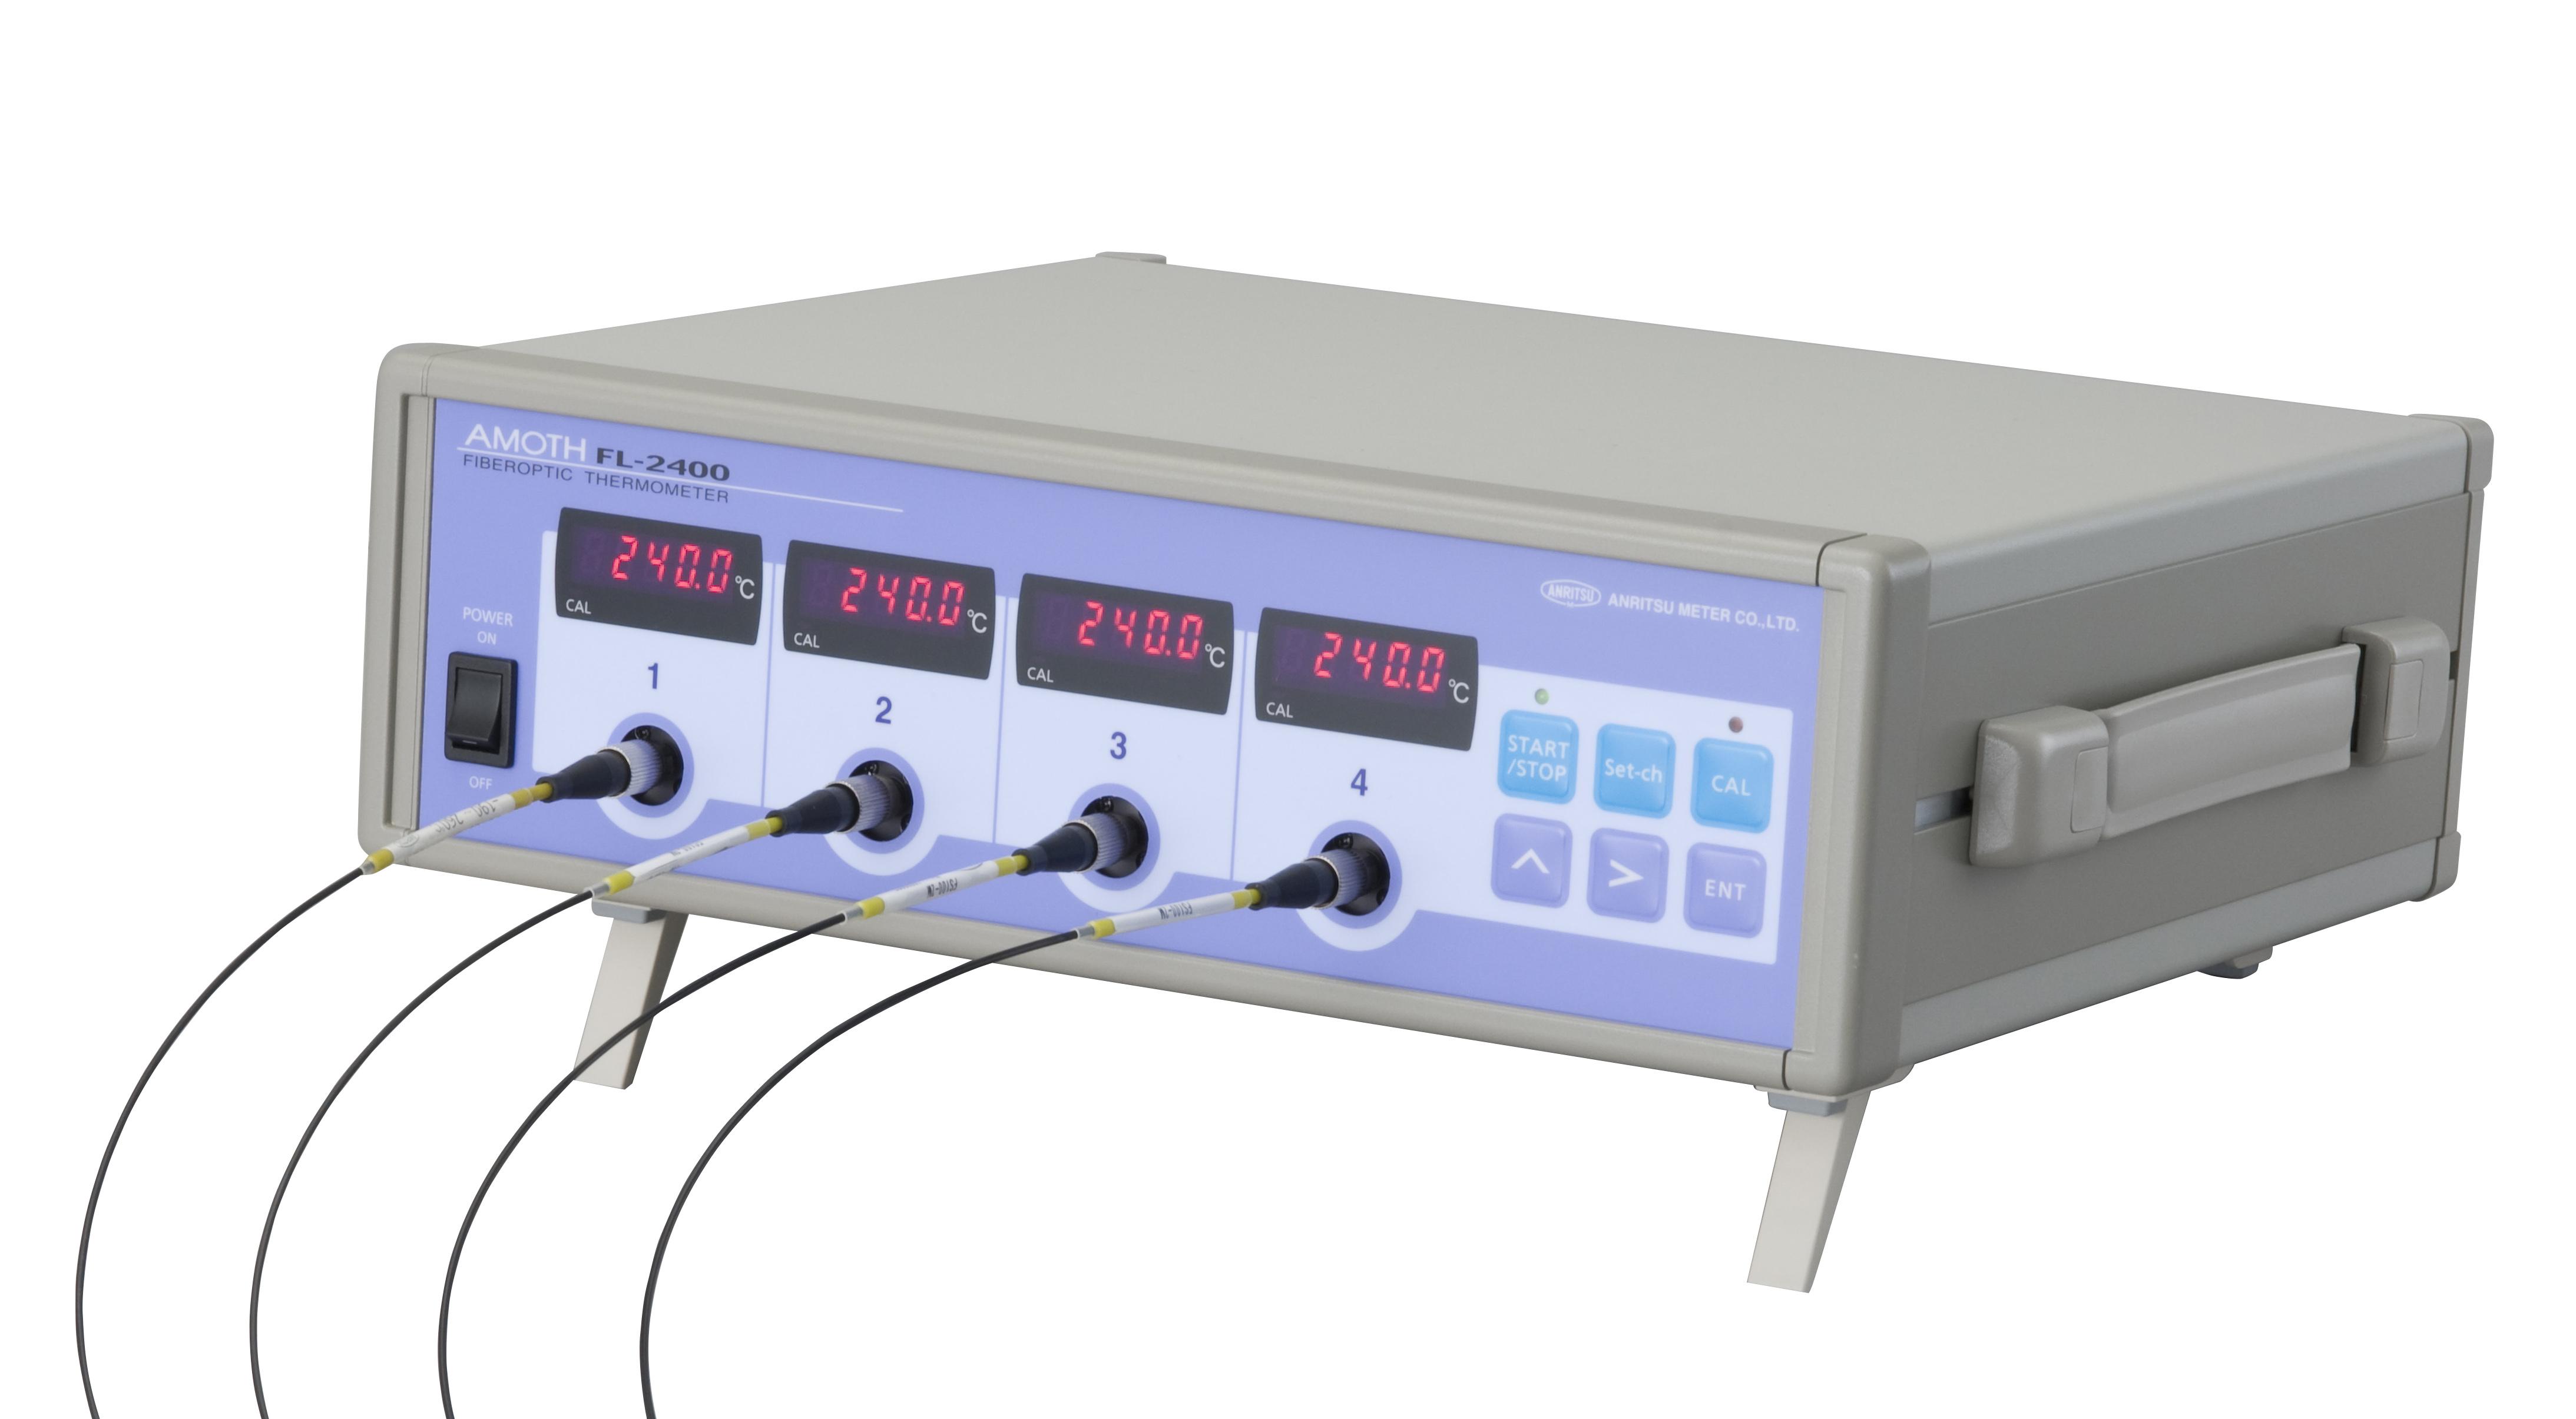 安立計器株式会社 温度計の専門メーカー fl 2400